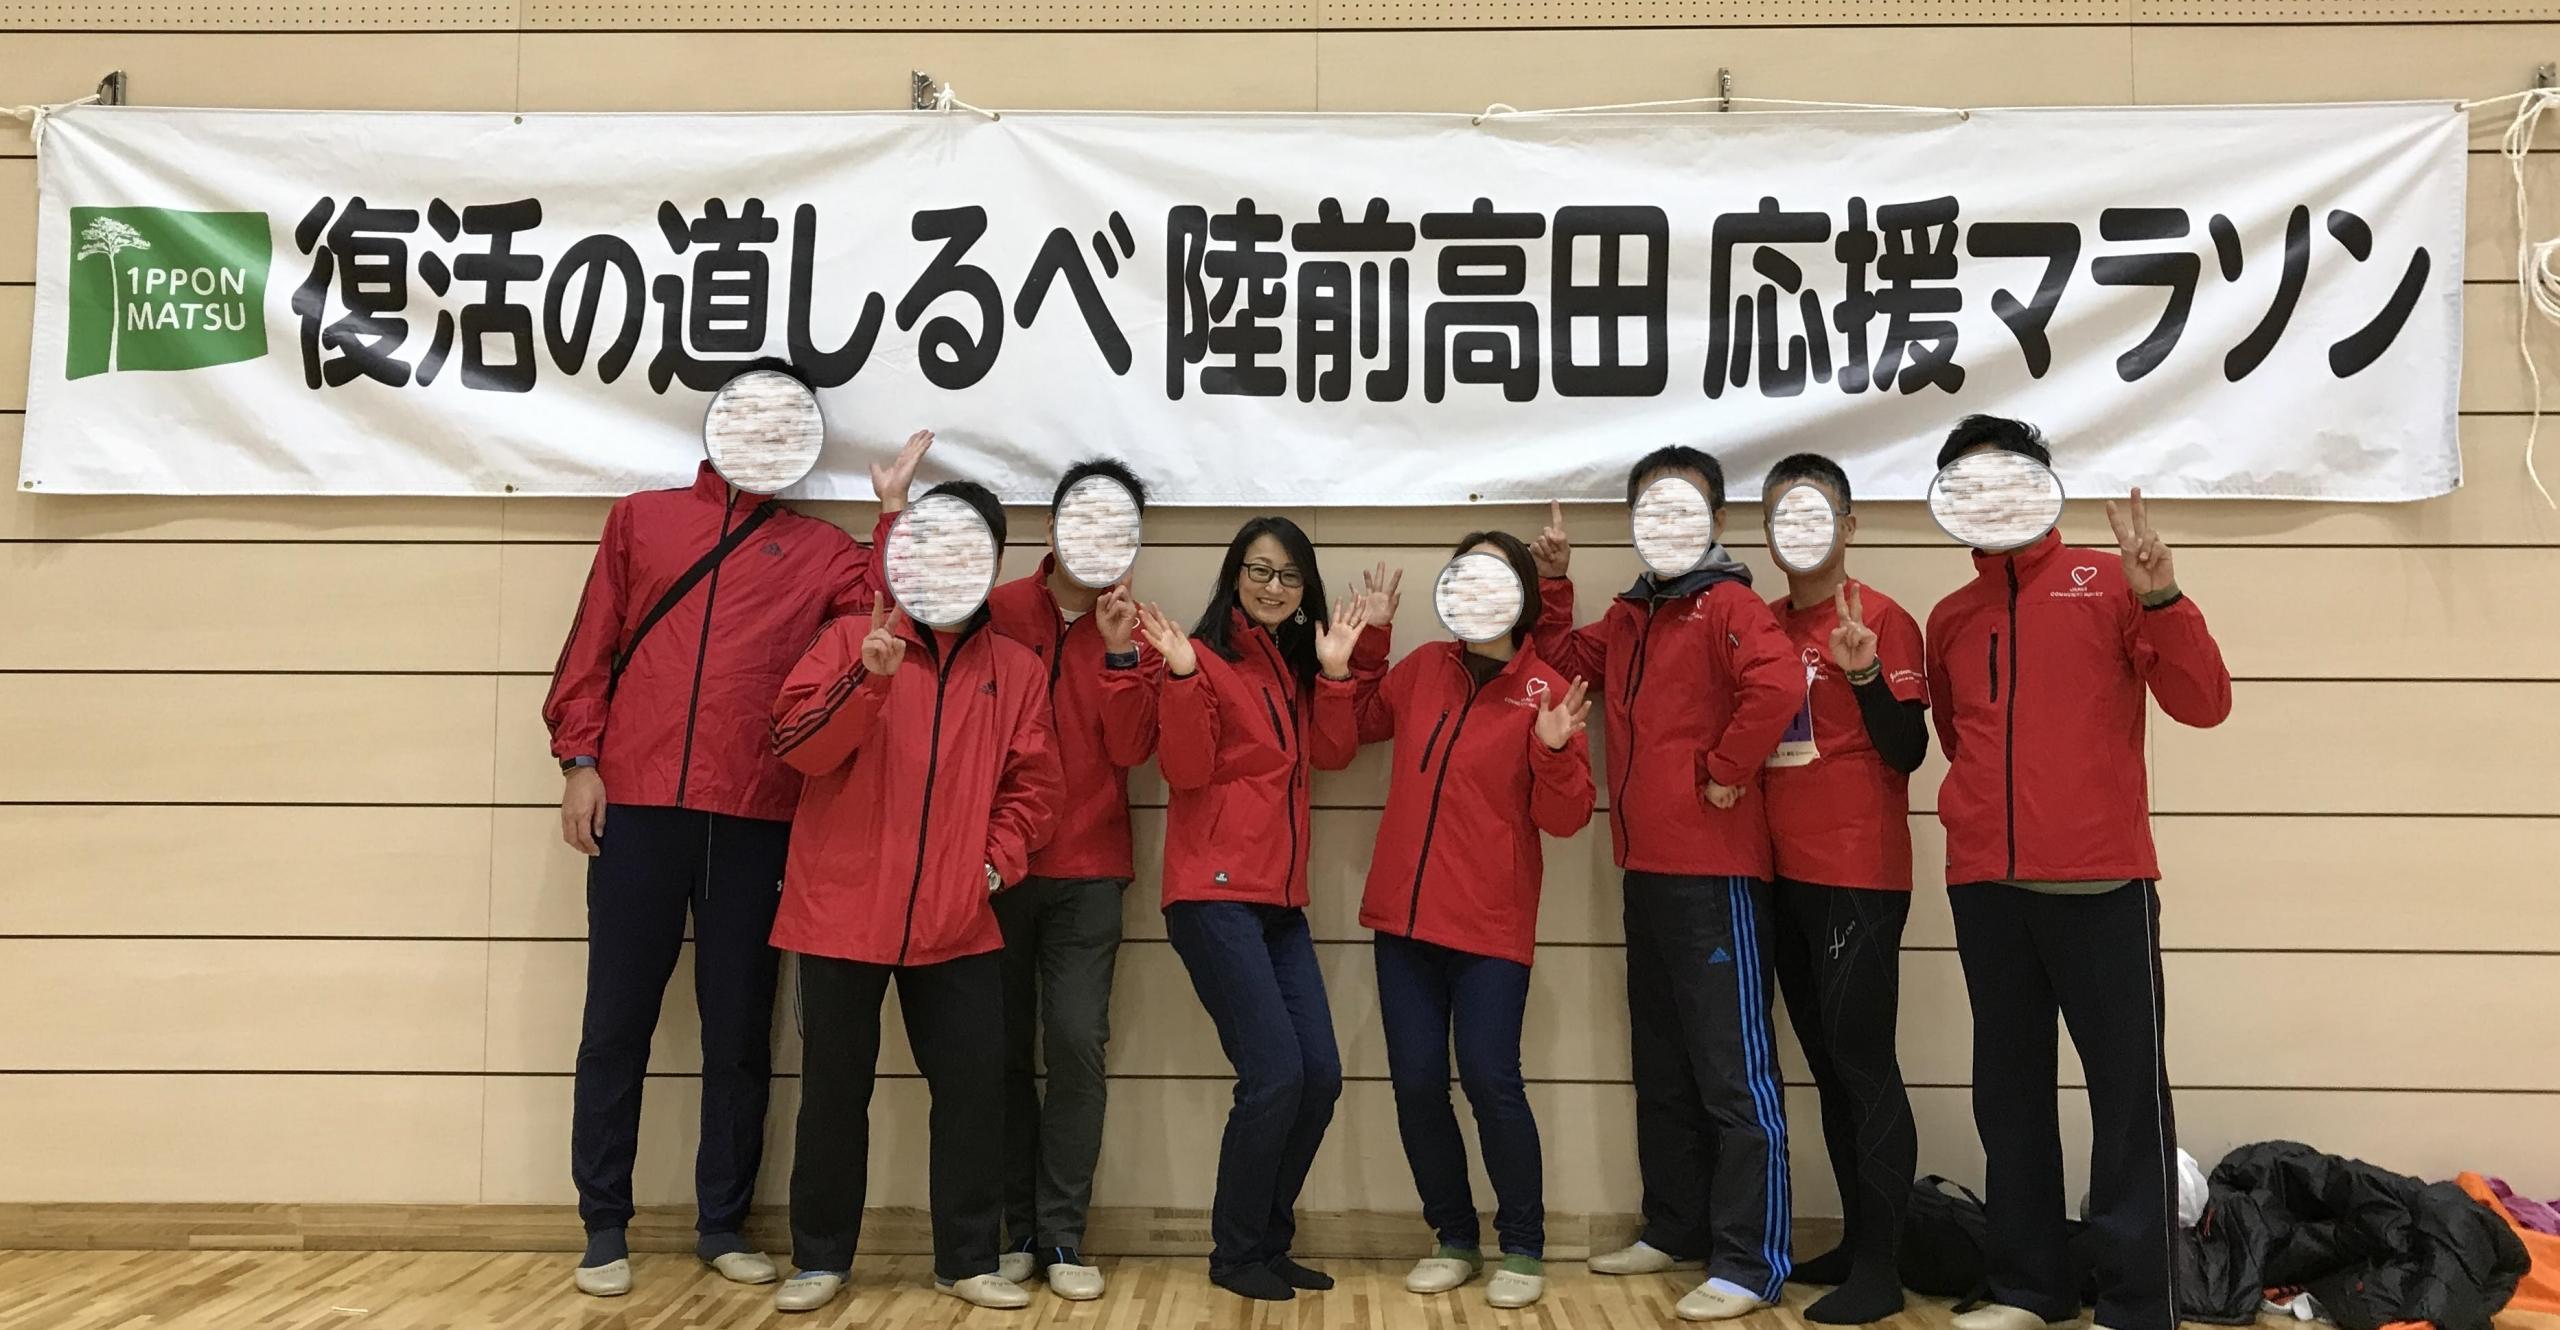 「20代の迷走が、今の私をつくった」。J&J伊藤佐和さんの、自分らしく生きる幸せ